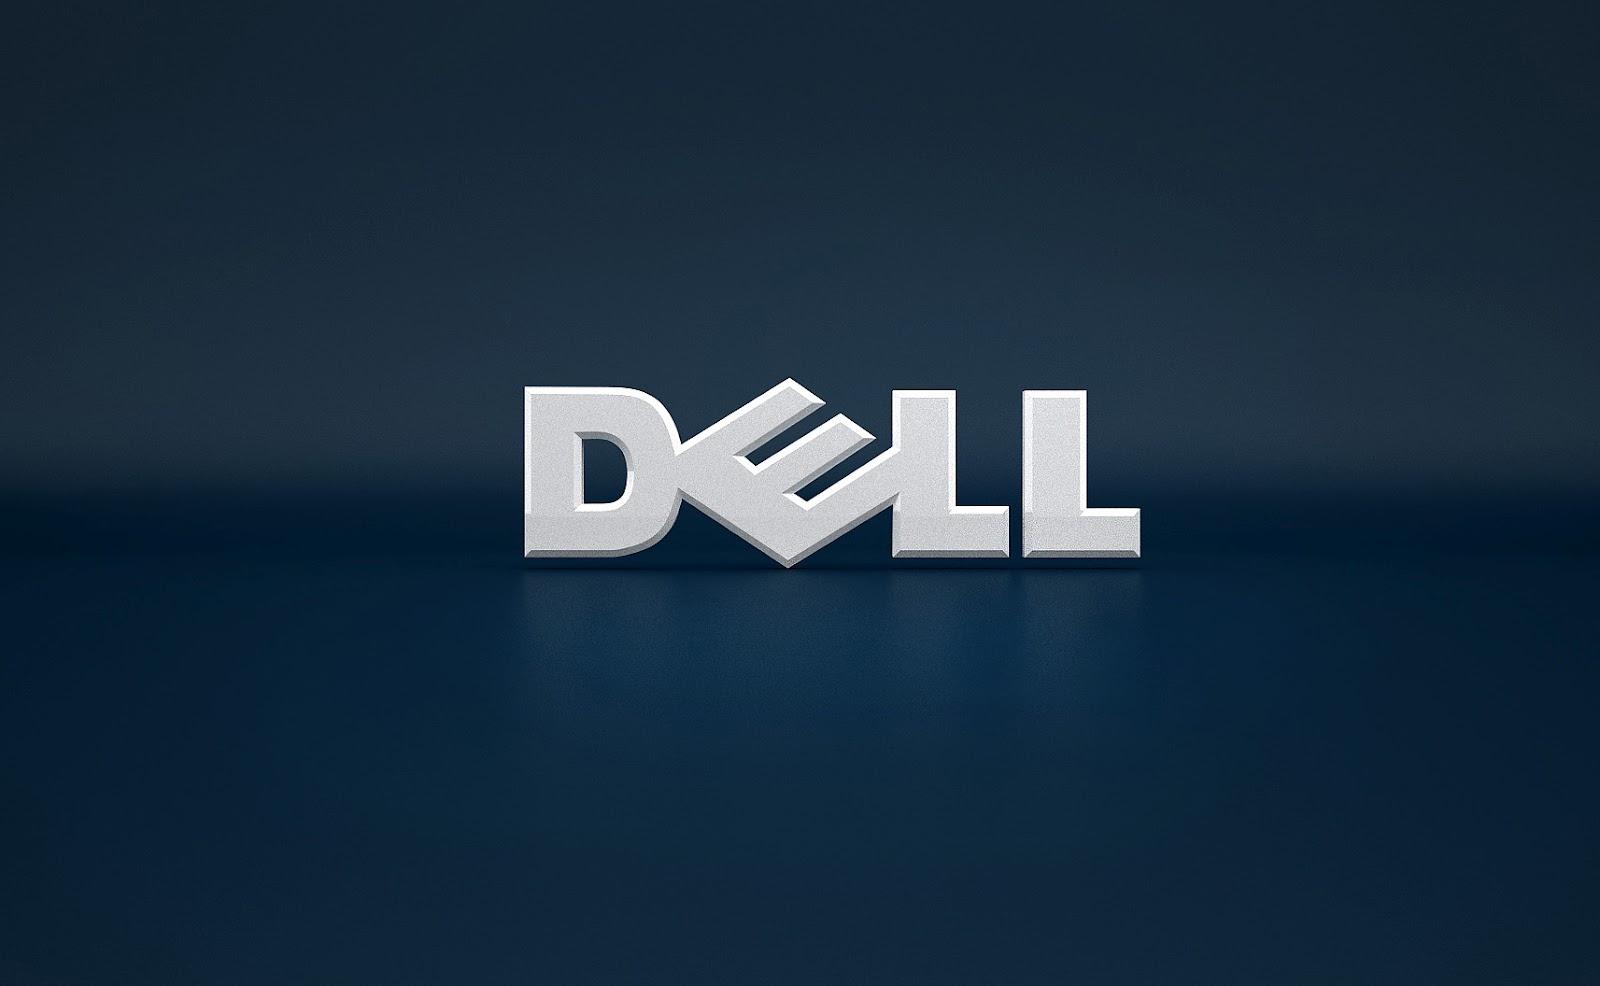 http://1.bp.blogspot.com/-zSVDMxd9JhQ/T8DI8fwuD4I/AAAAAAAAACY/Ia0C-RvH94g/s1600/Dell-wallpaper.jpg